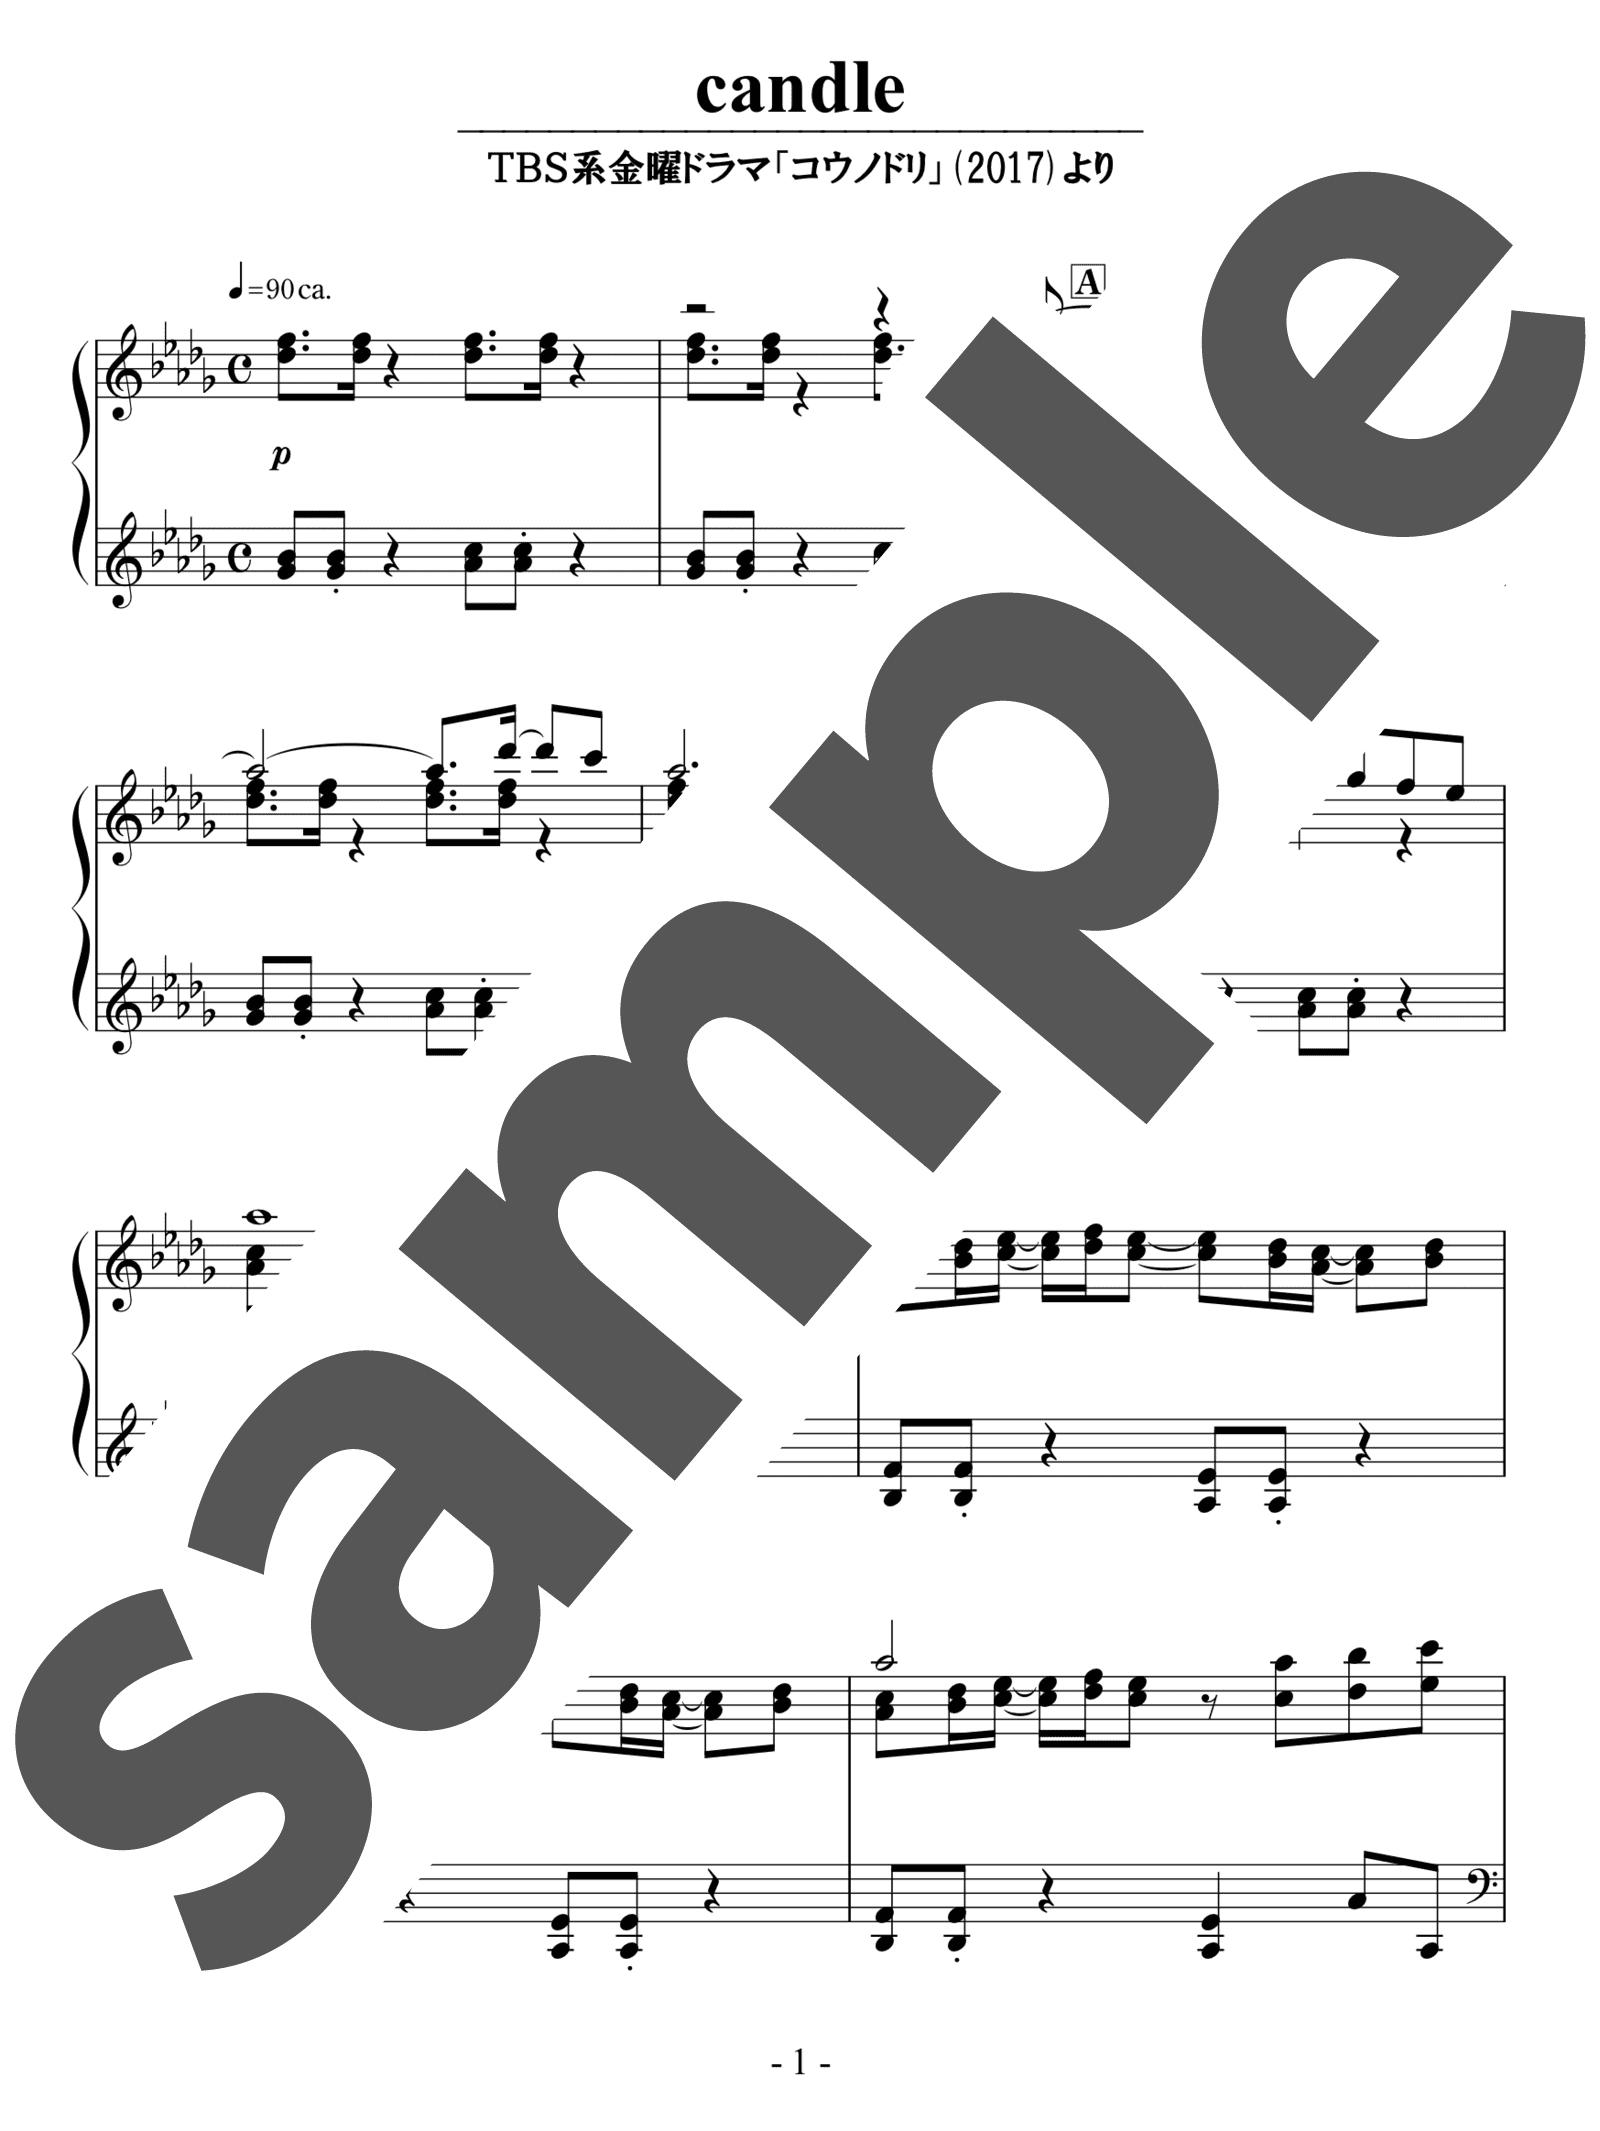 「candle」のサンプル楽譜